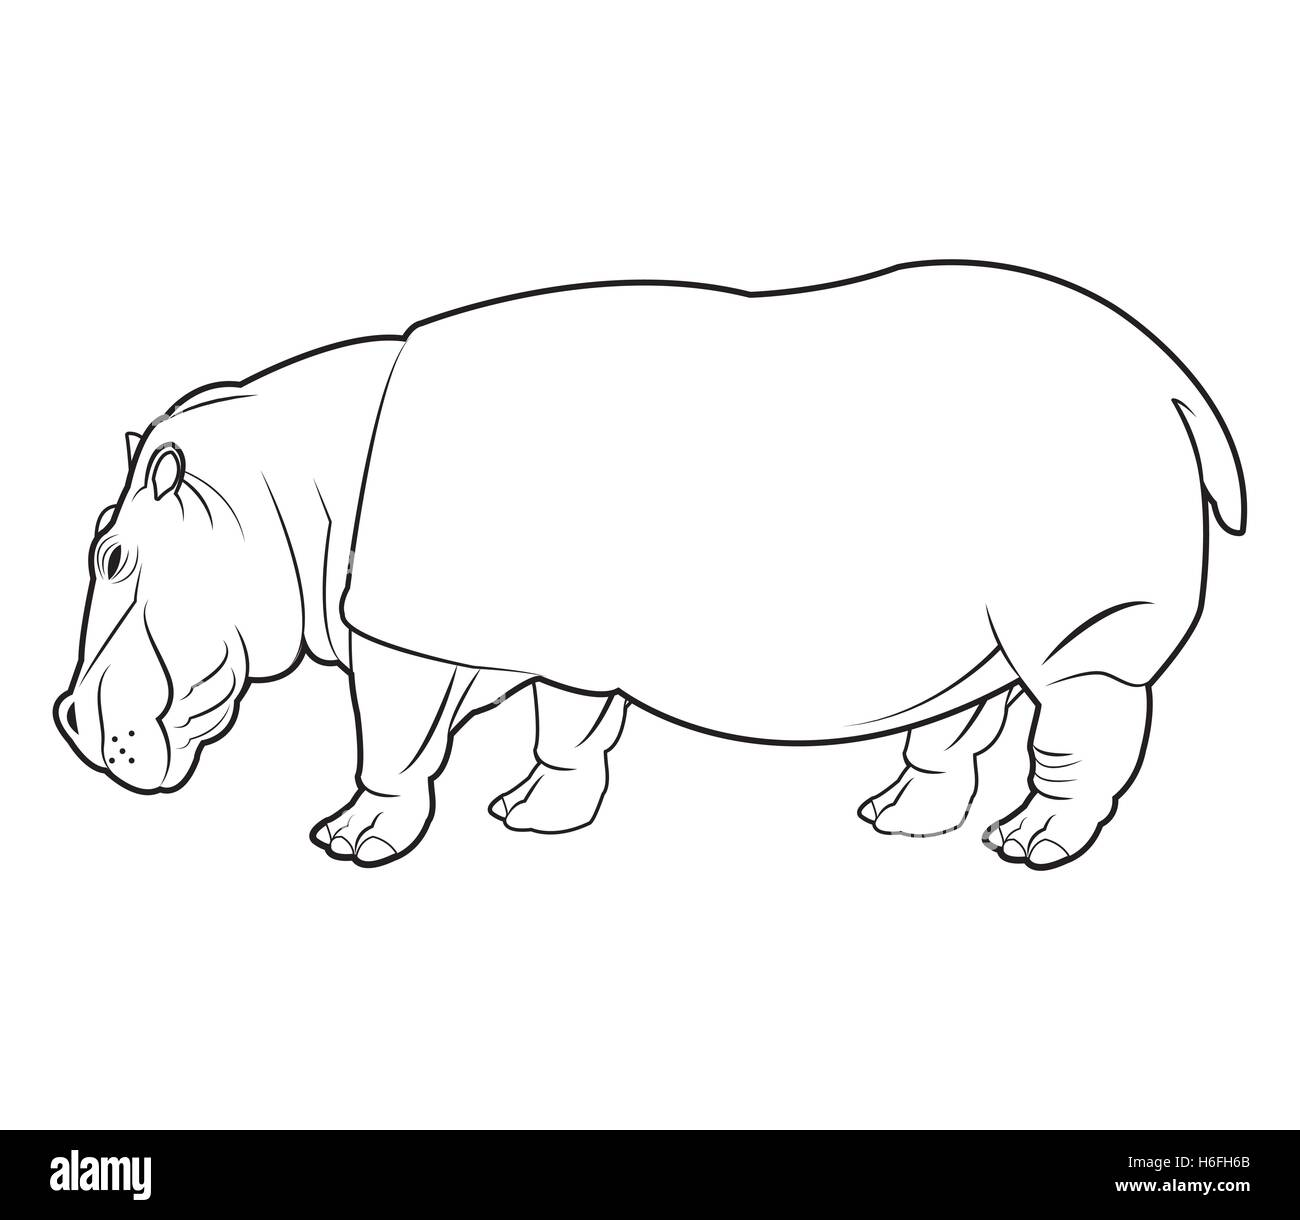 Black And White Hippo Stock Photos & Black And White Hippo Stock ...